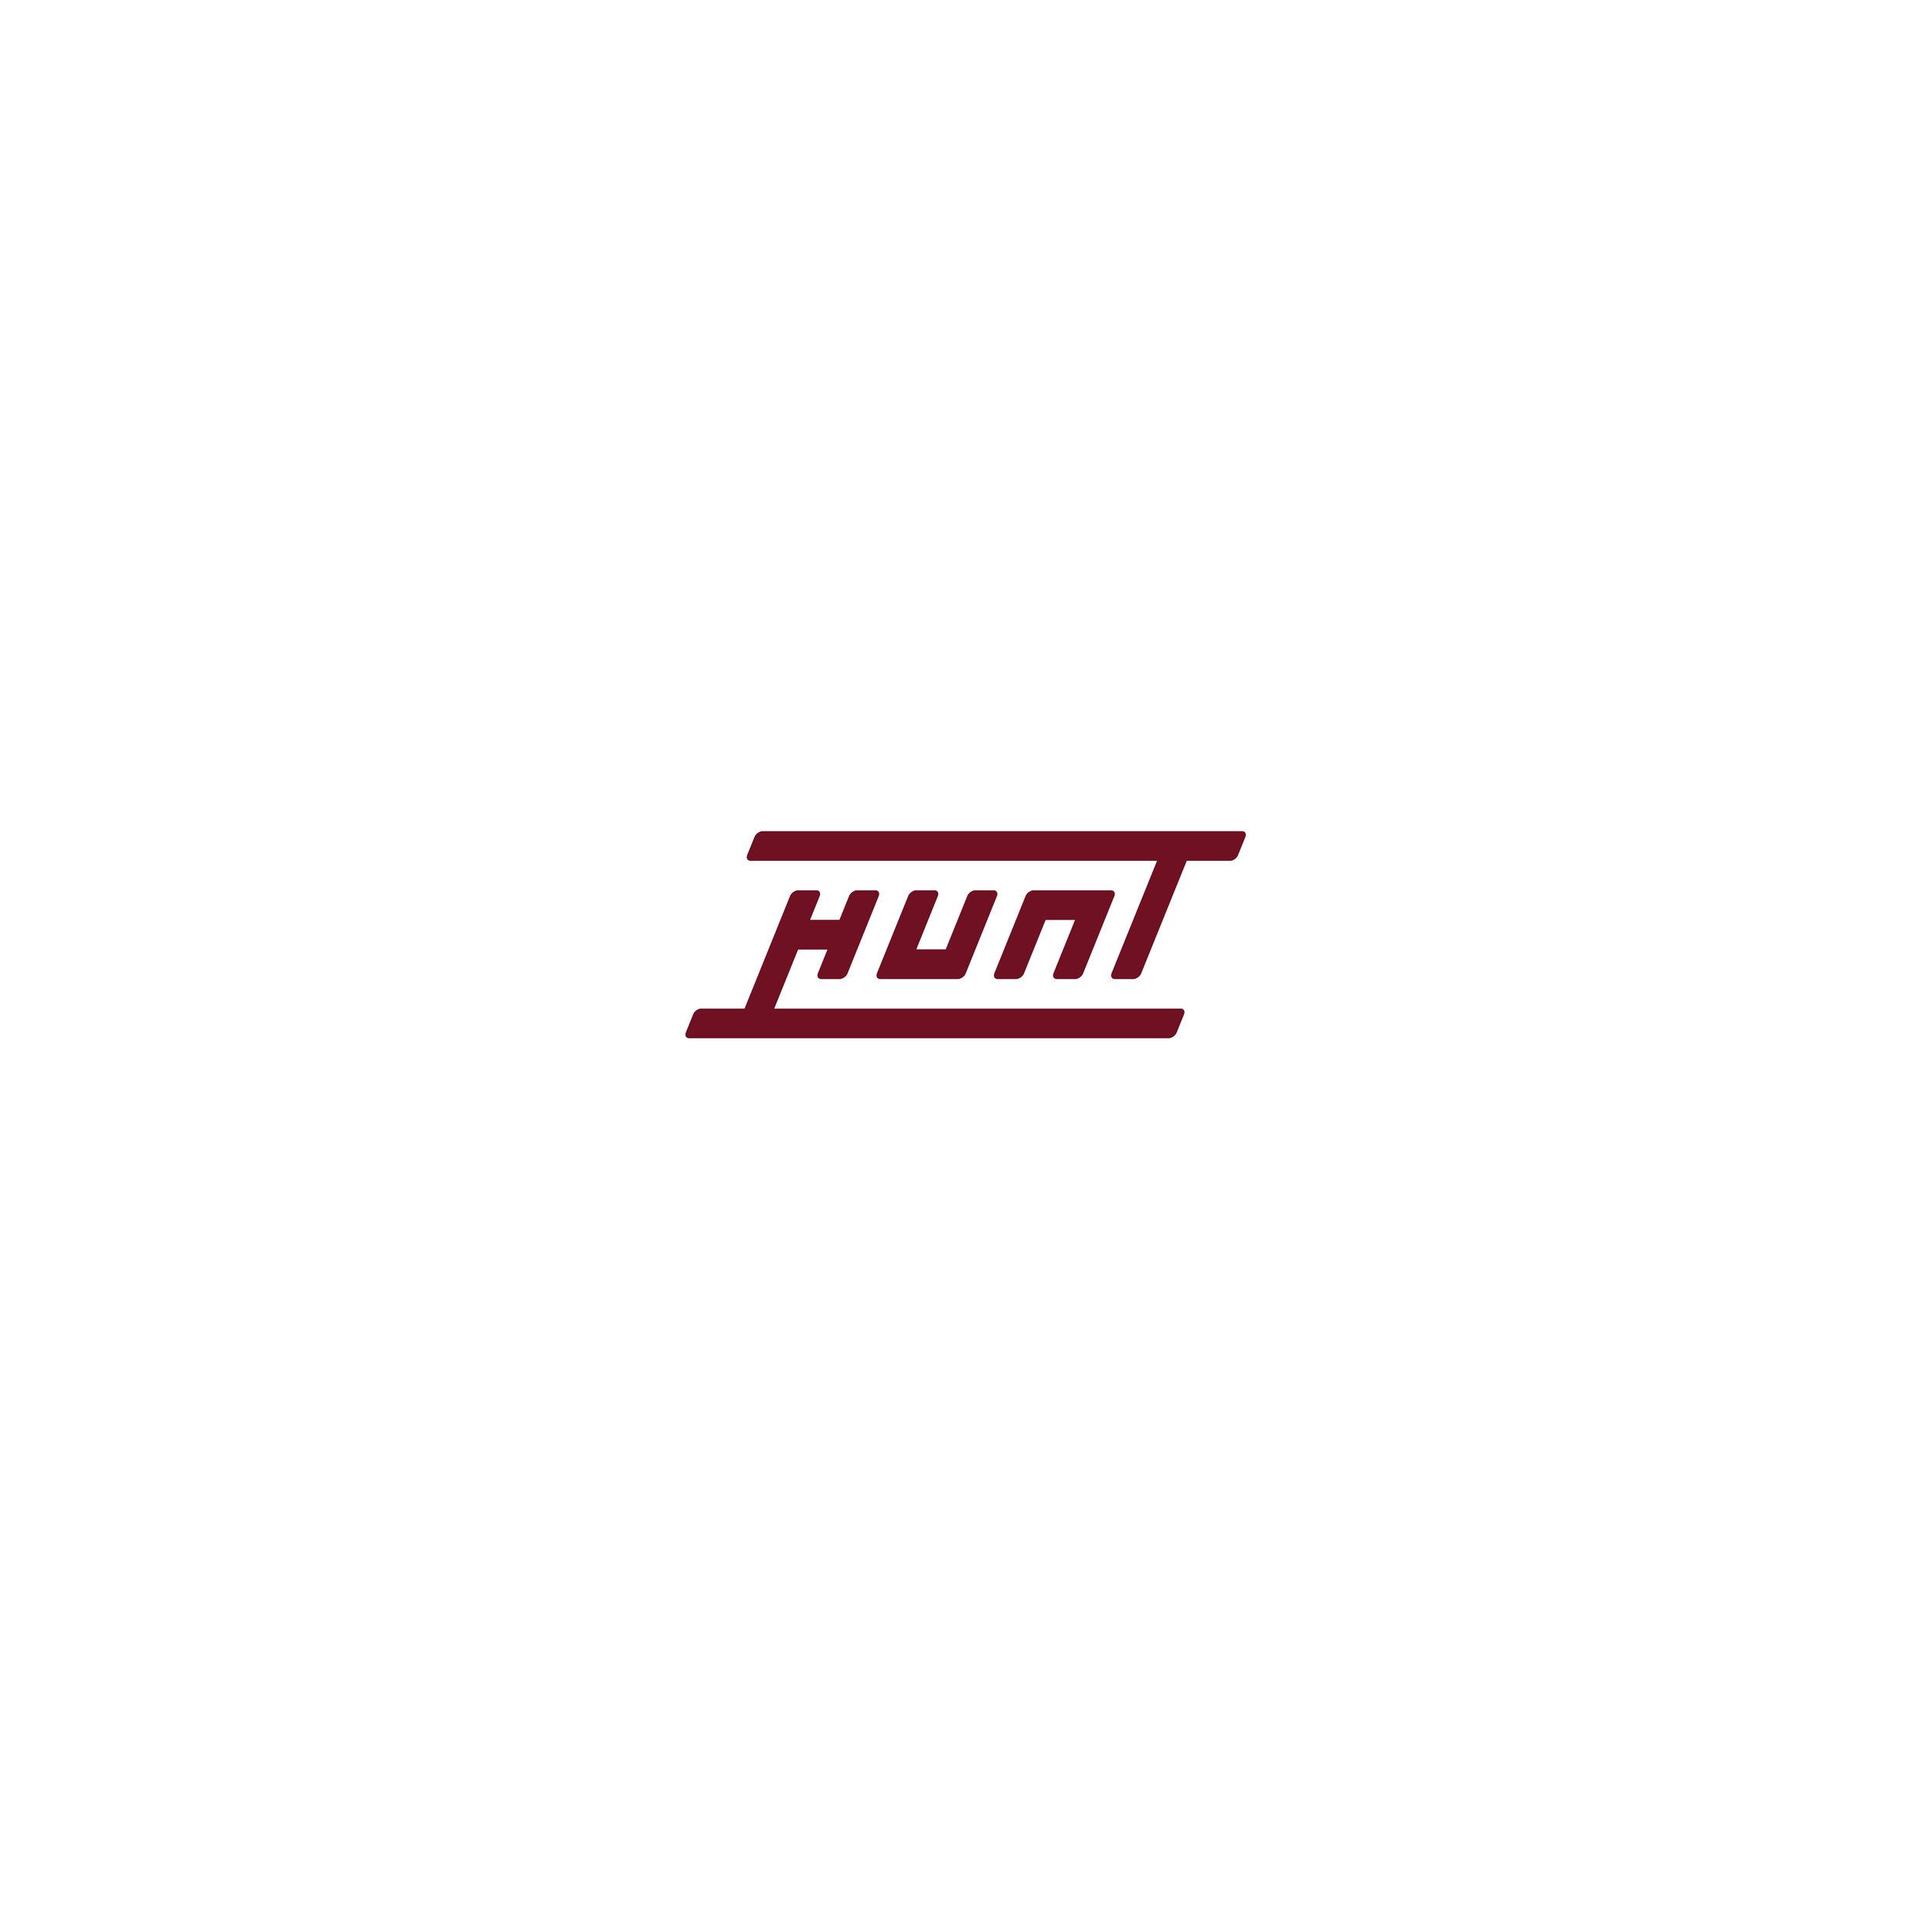 HUNT LOGO DESIGN FINALE-04.jpg